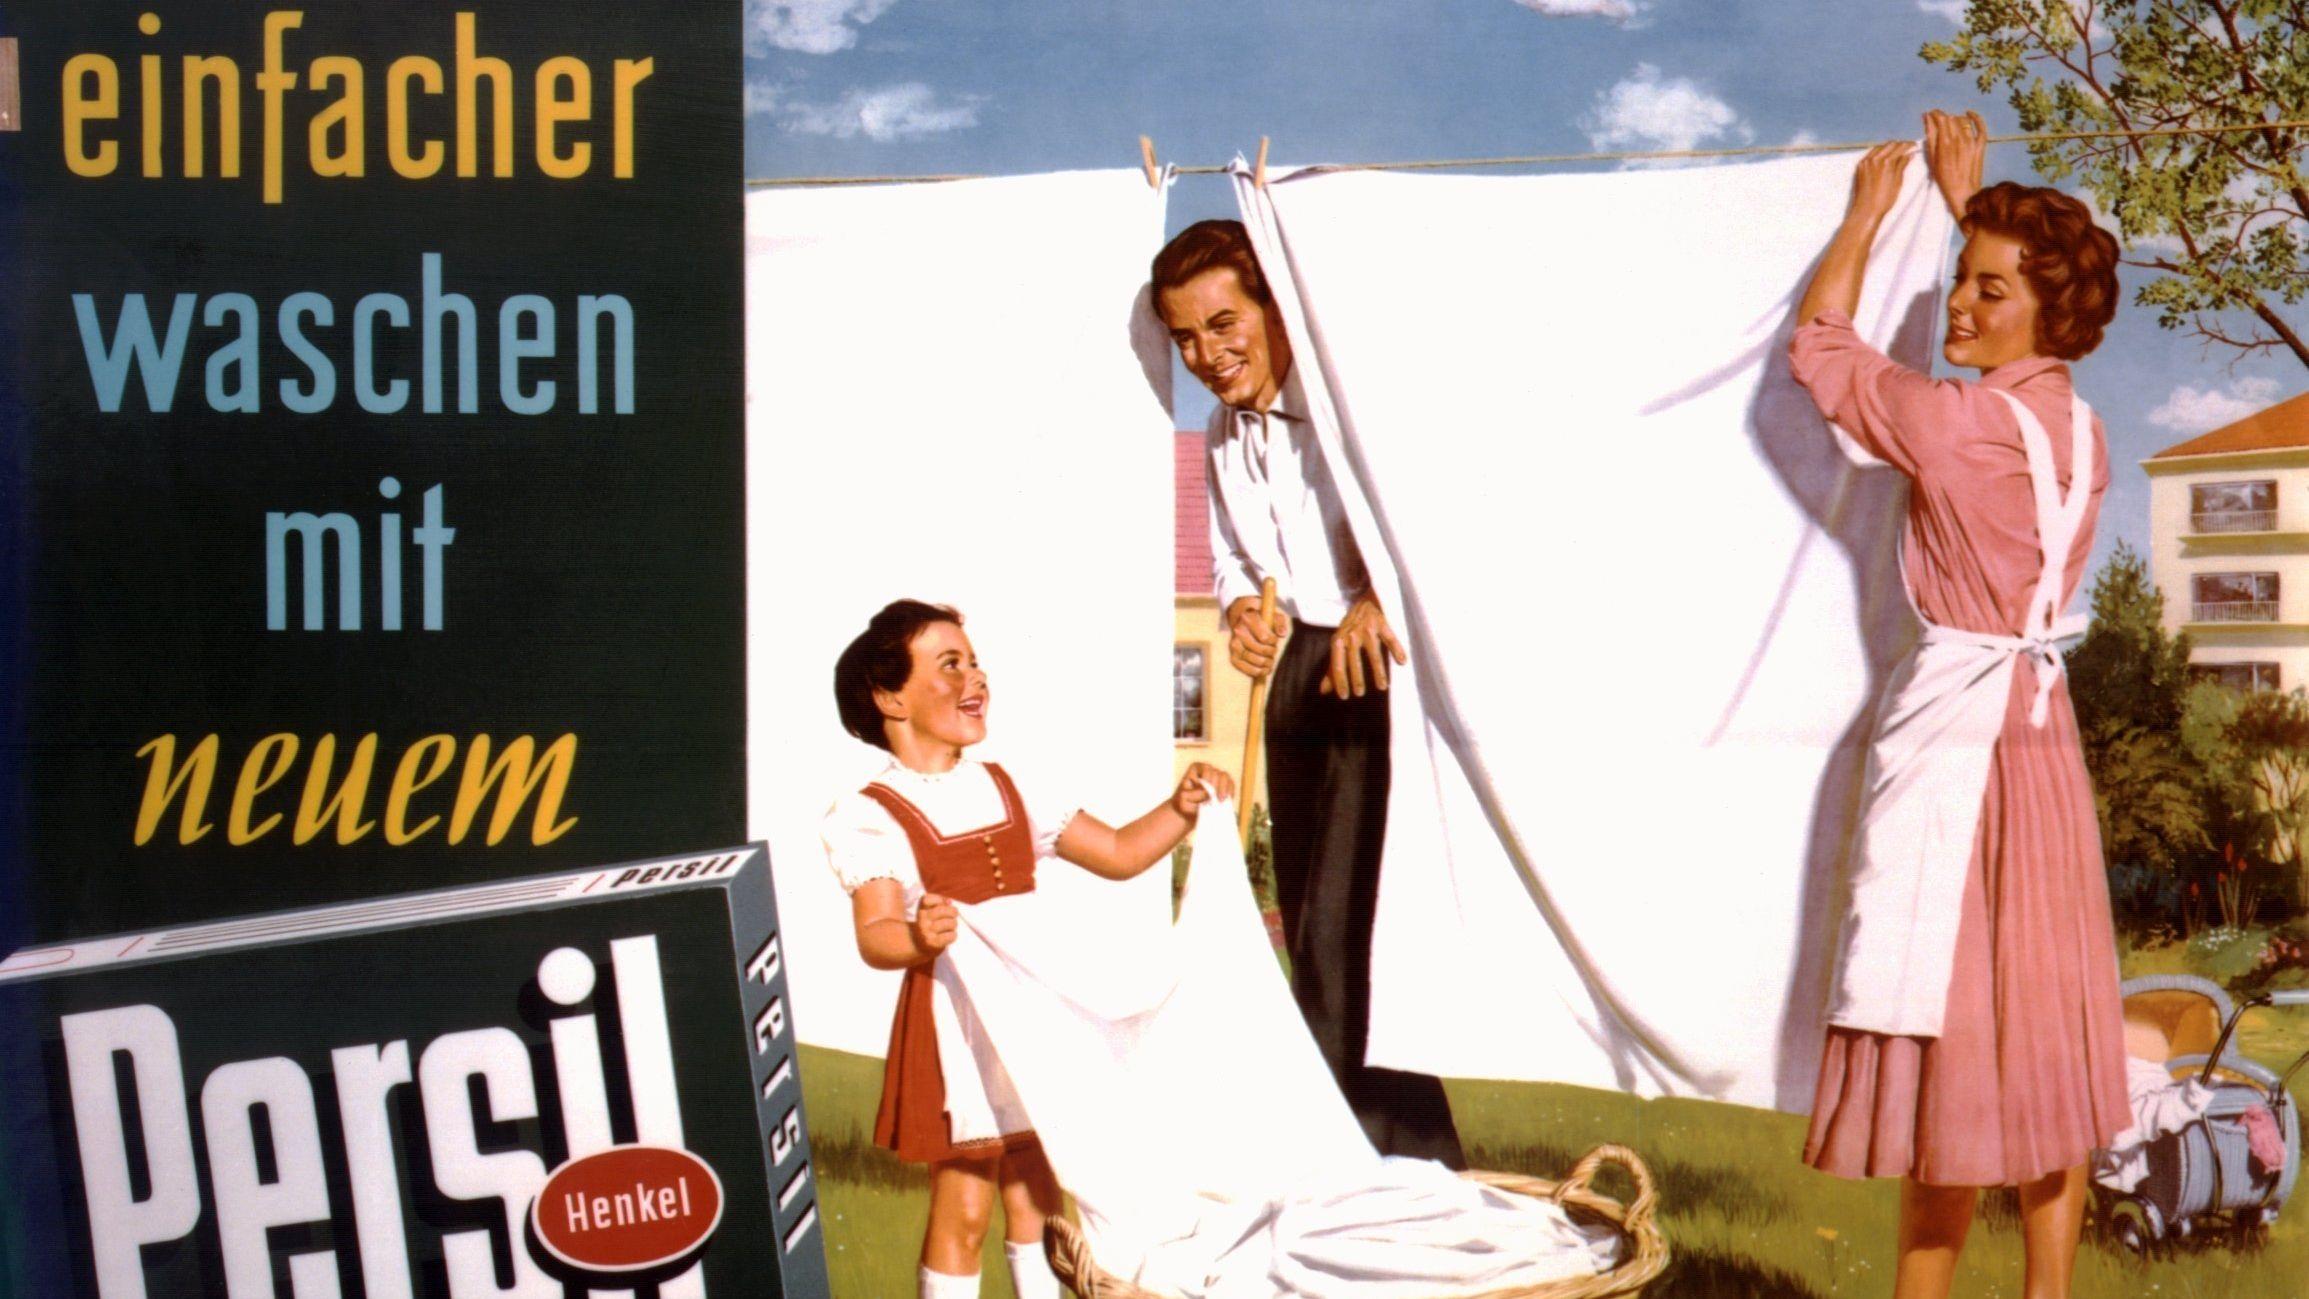 """Gleichberechtigung, 1956 noch ein radikaler Gedanke. """"Persil""""-Werbe-Plakat von 1956: Der Vater freut sich, daß das Waschen mit Persil seiner adretten Frau und seiner ebenso adretten kleinen Tochter offensichtlich viel Freude bereitet und beim Aufhängen der blütenreinen Wäsche nur fröhliche Gesichter zu sehen sind. """"Einfacher waschen mit neuem Persil"""" verspricht ja auch das Plakat aus dem Jahr 1956."""